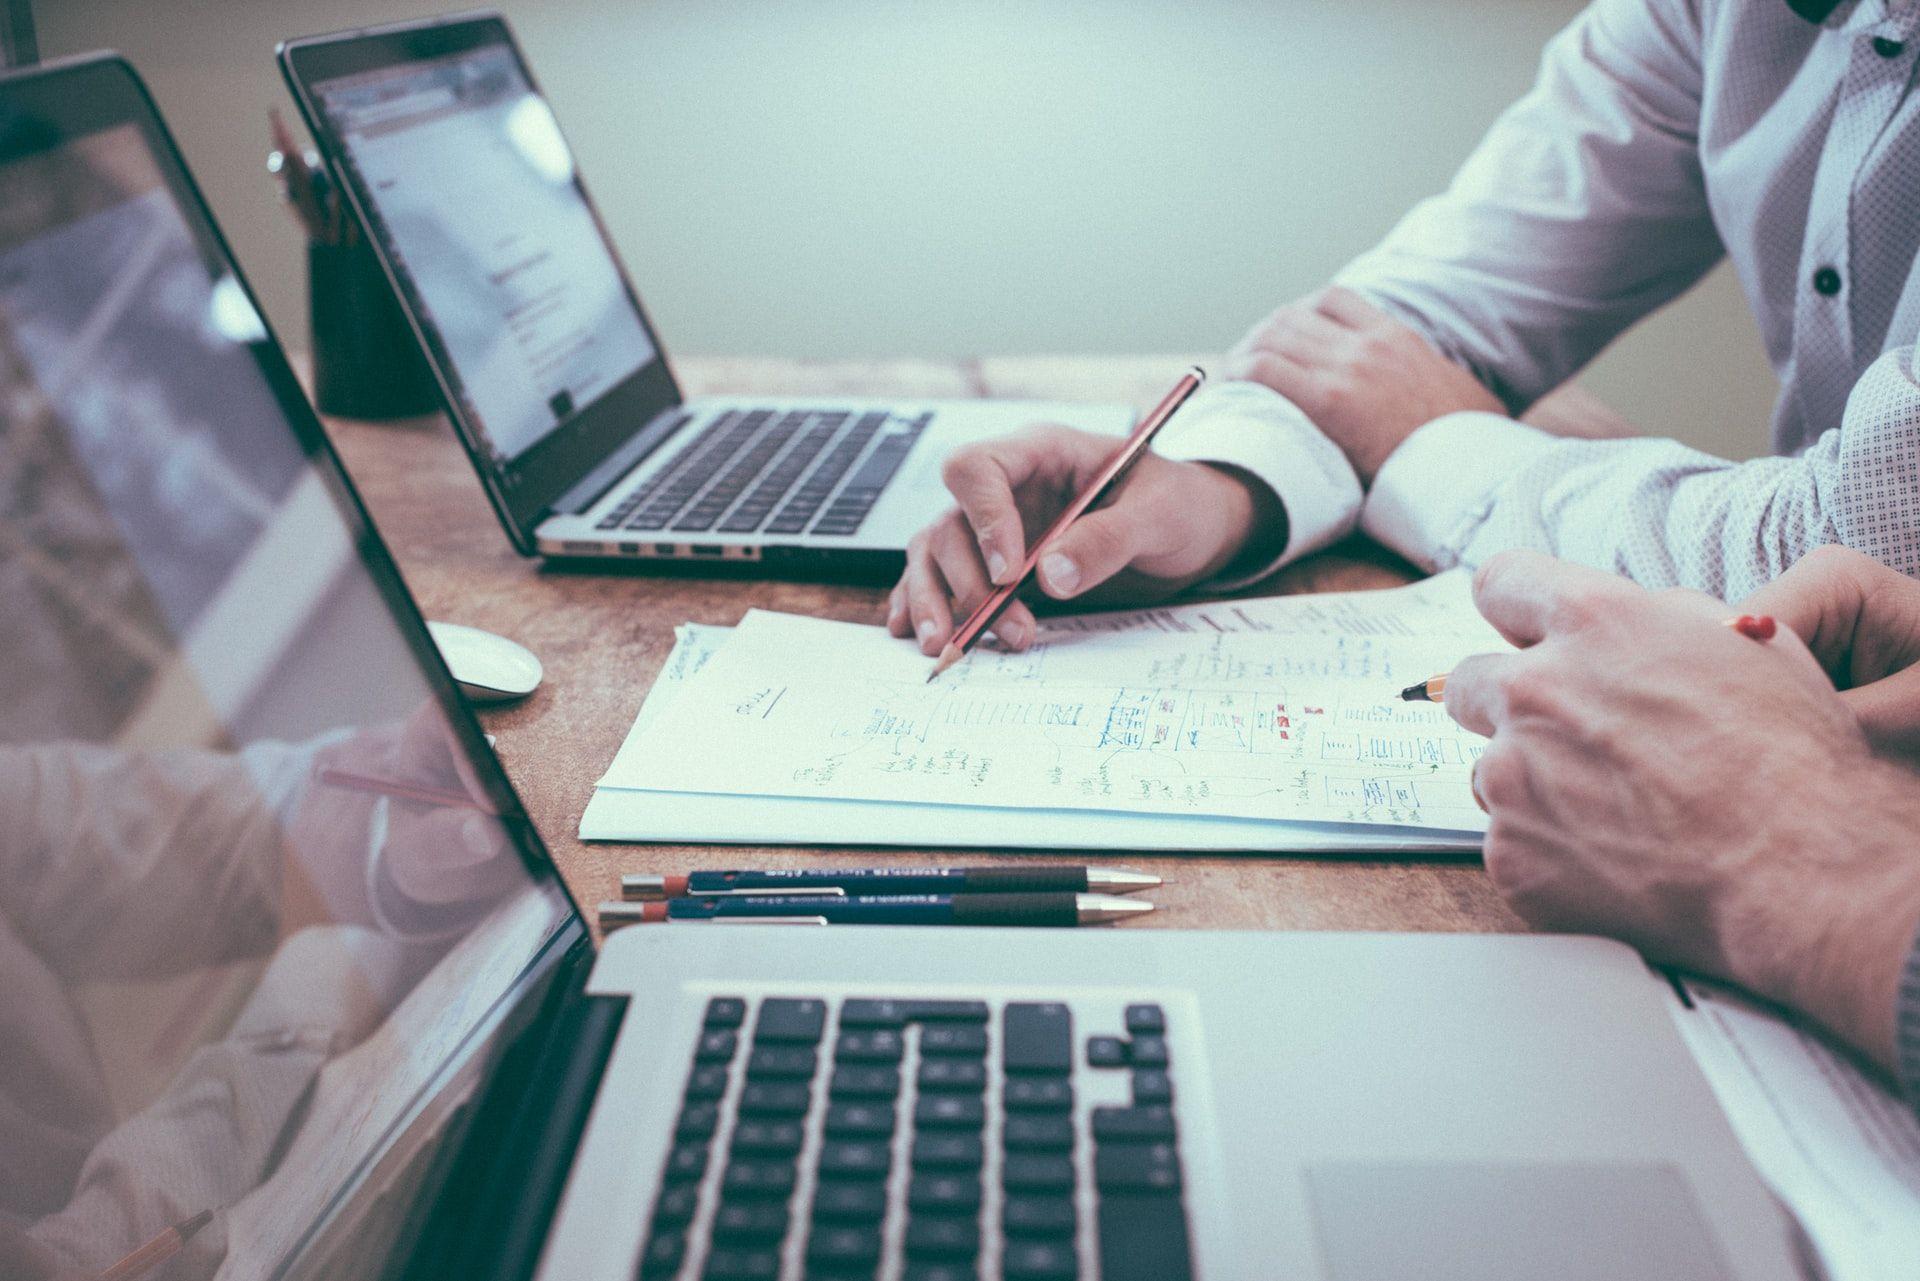 Como melhorar as vendas na sua empresa no momento de crise? Pesquisa e artigo de opinião por Thiago Roberto